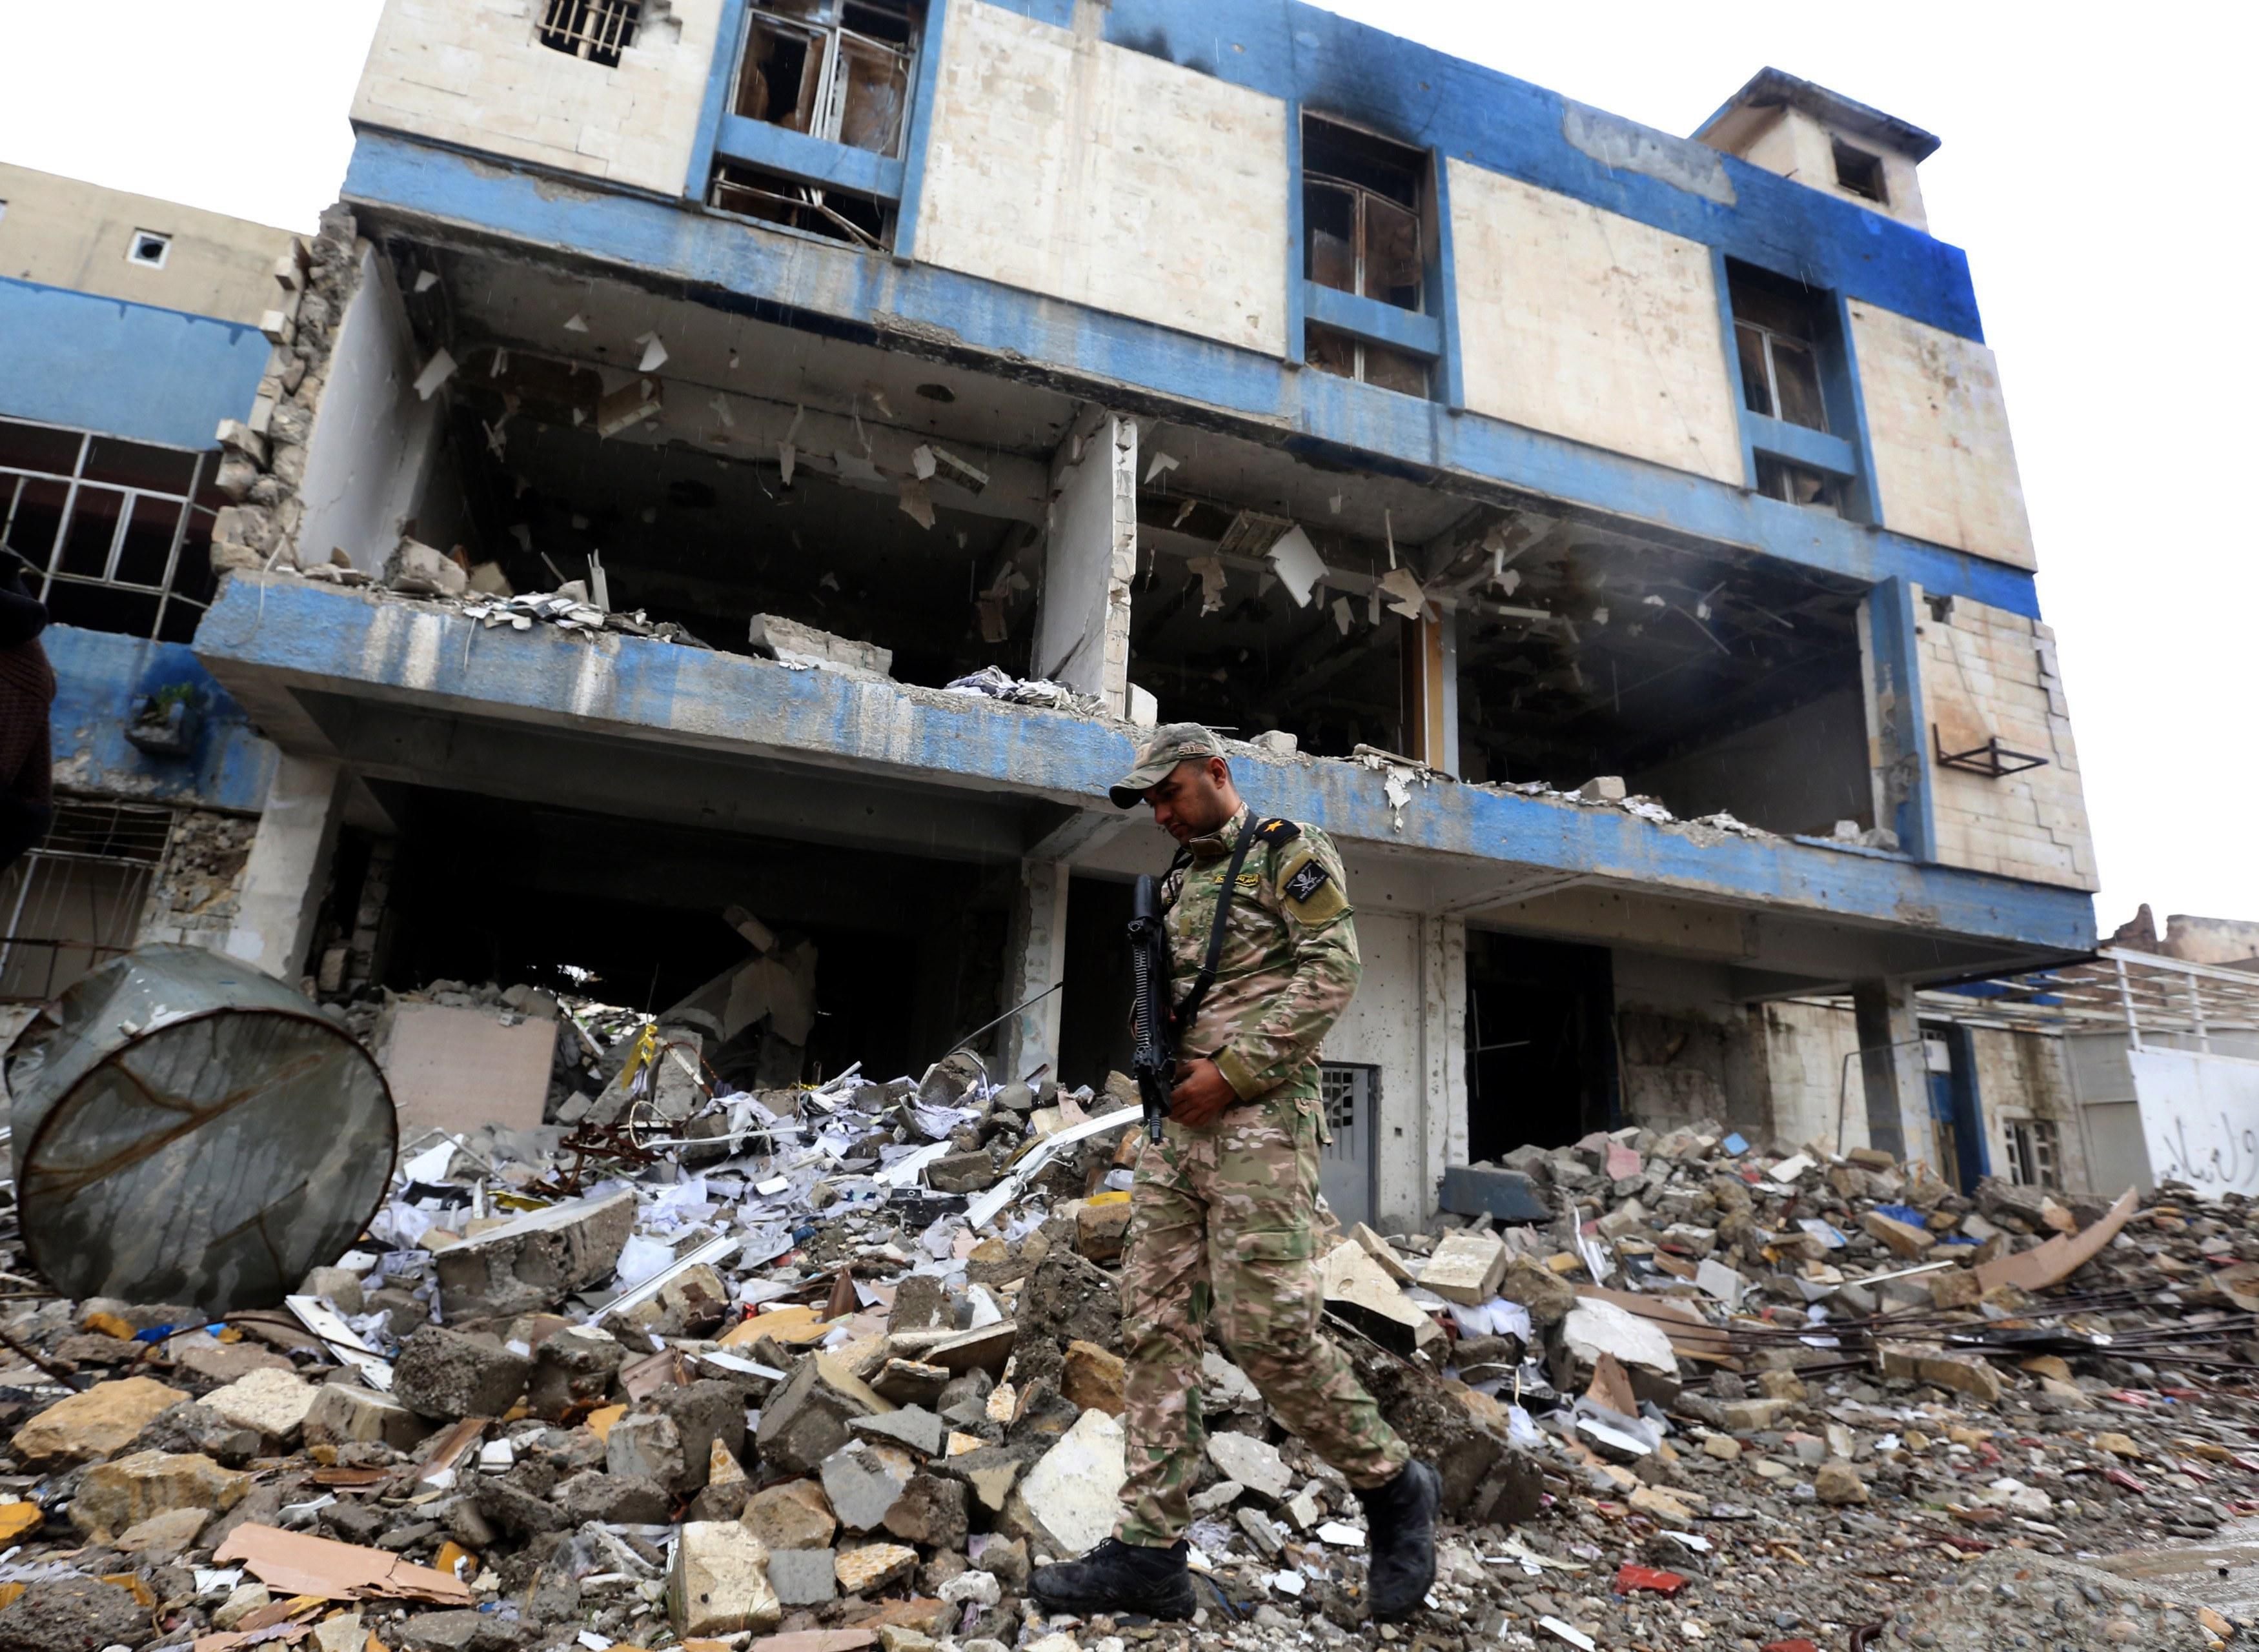 EUA investigam morte de 200 civis em Mossul (Iraque) durante bombardeamentos